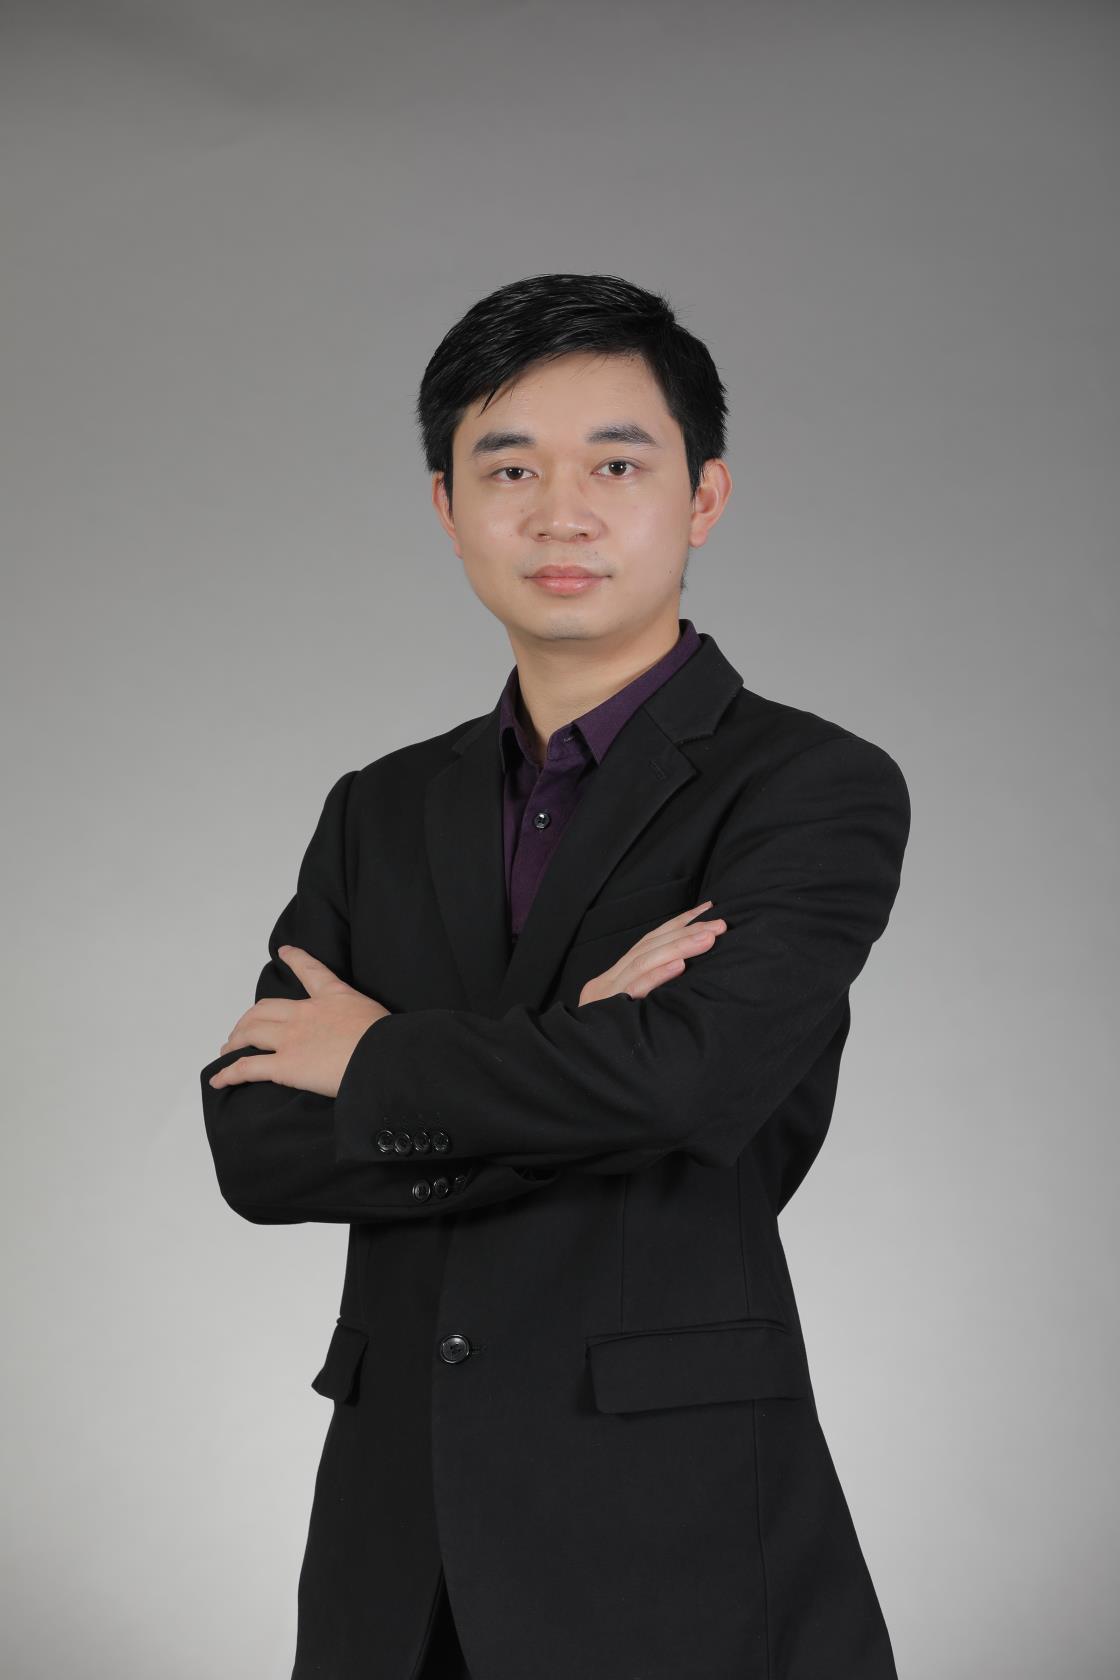 上海家教郑老师